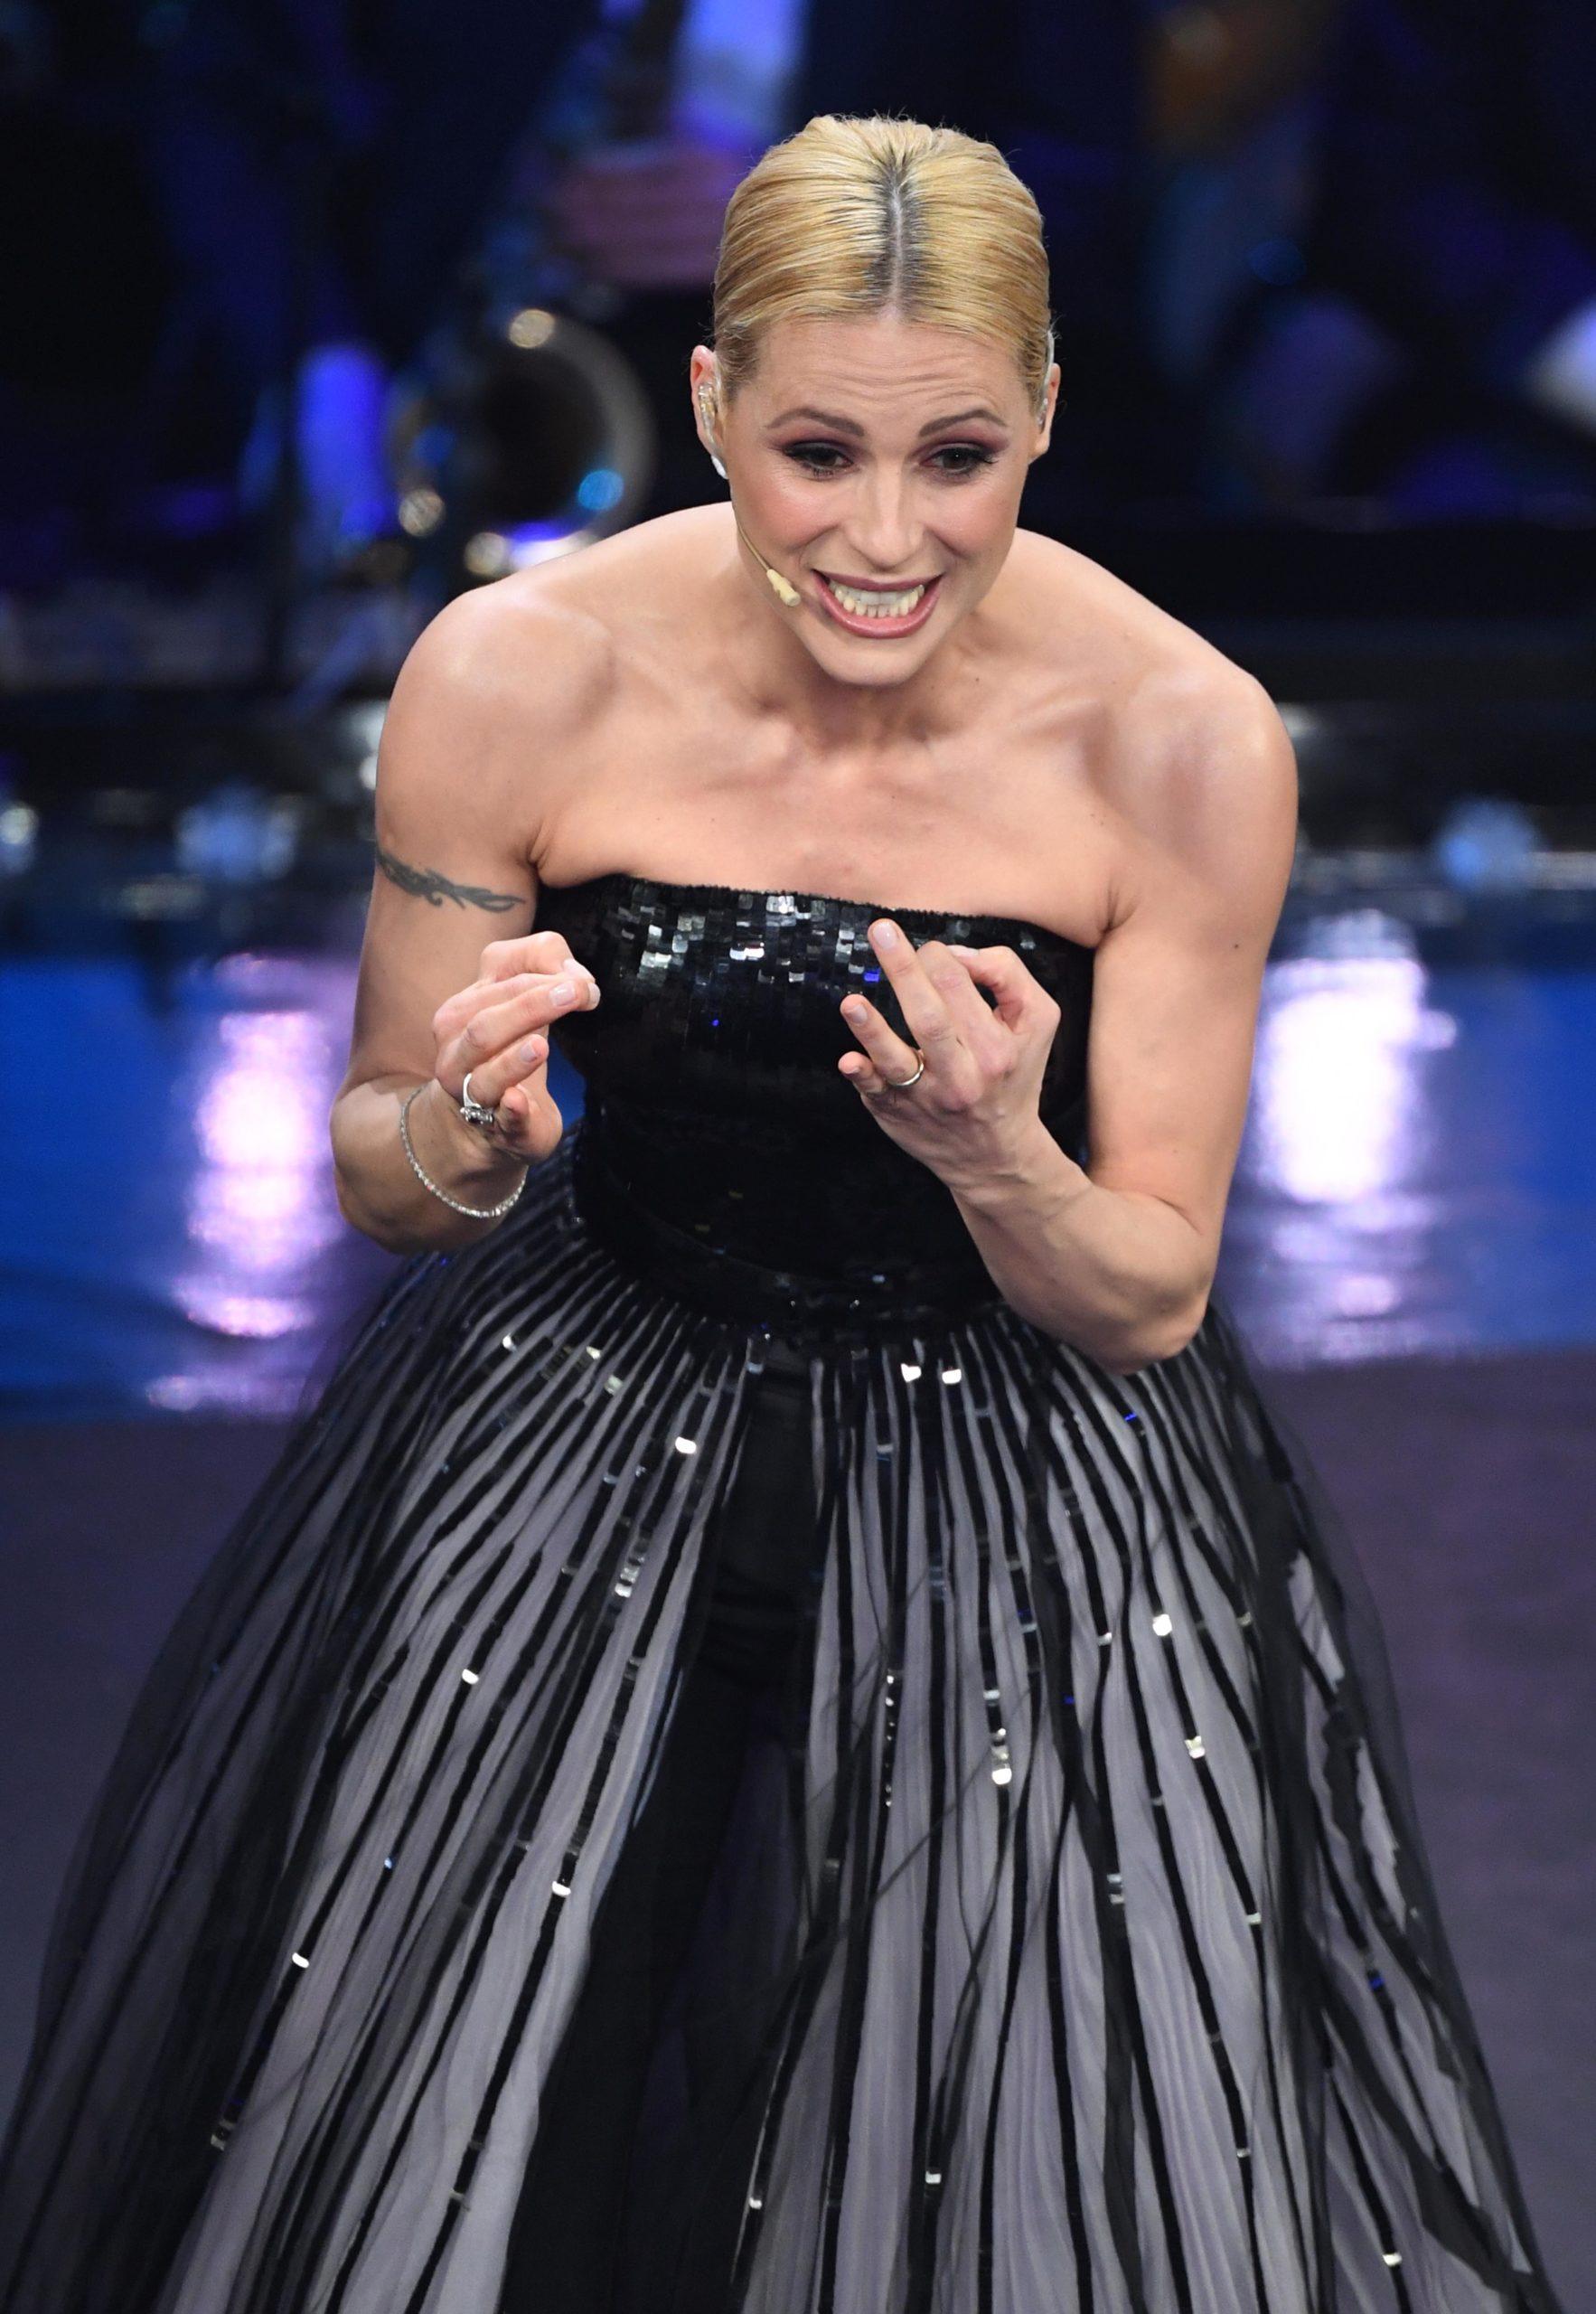 Il beauty look di Michelle Hunziker durante la seconda serata di Sanremo 2019